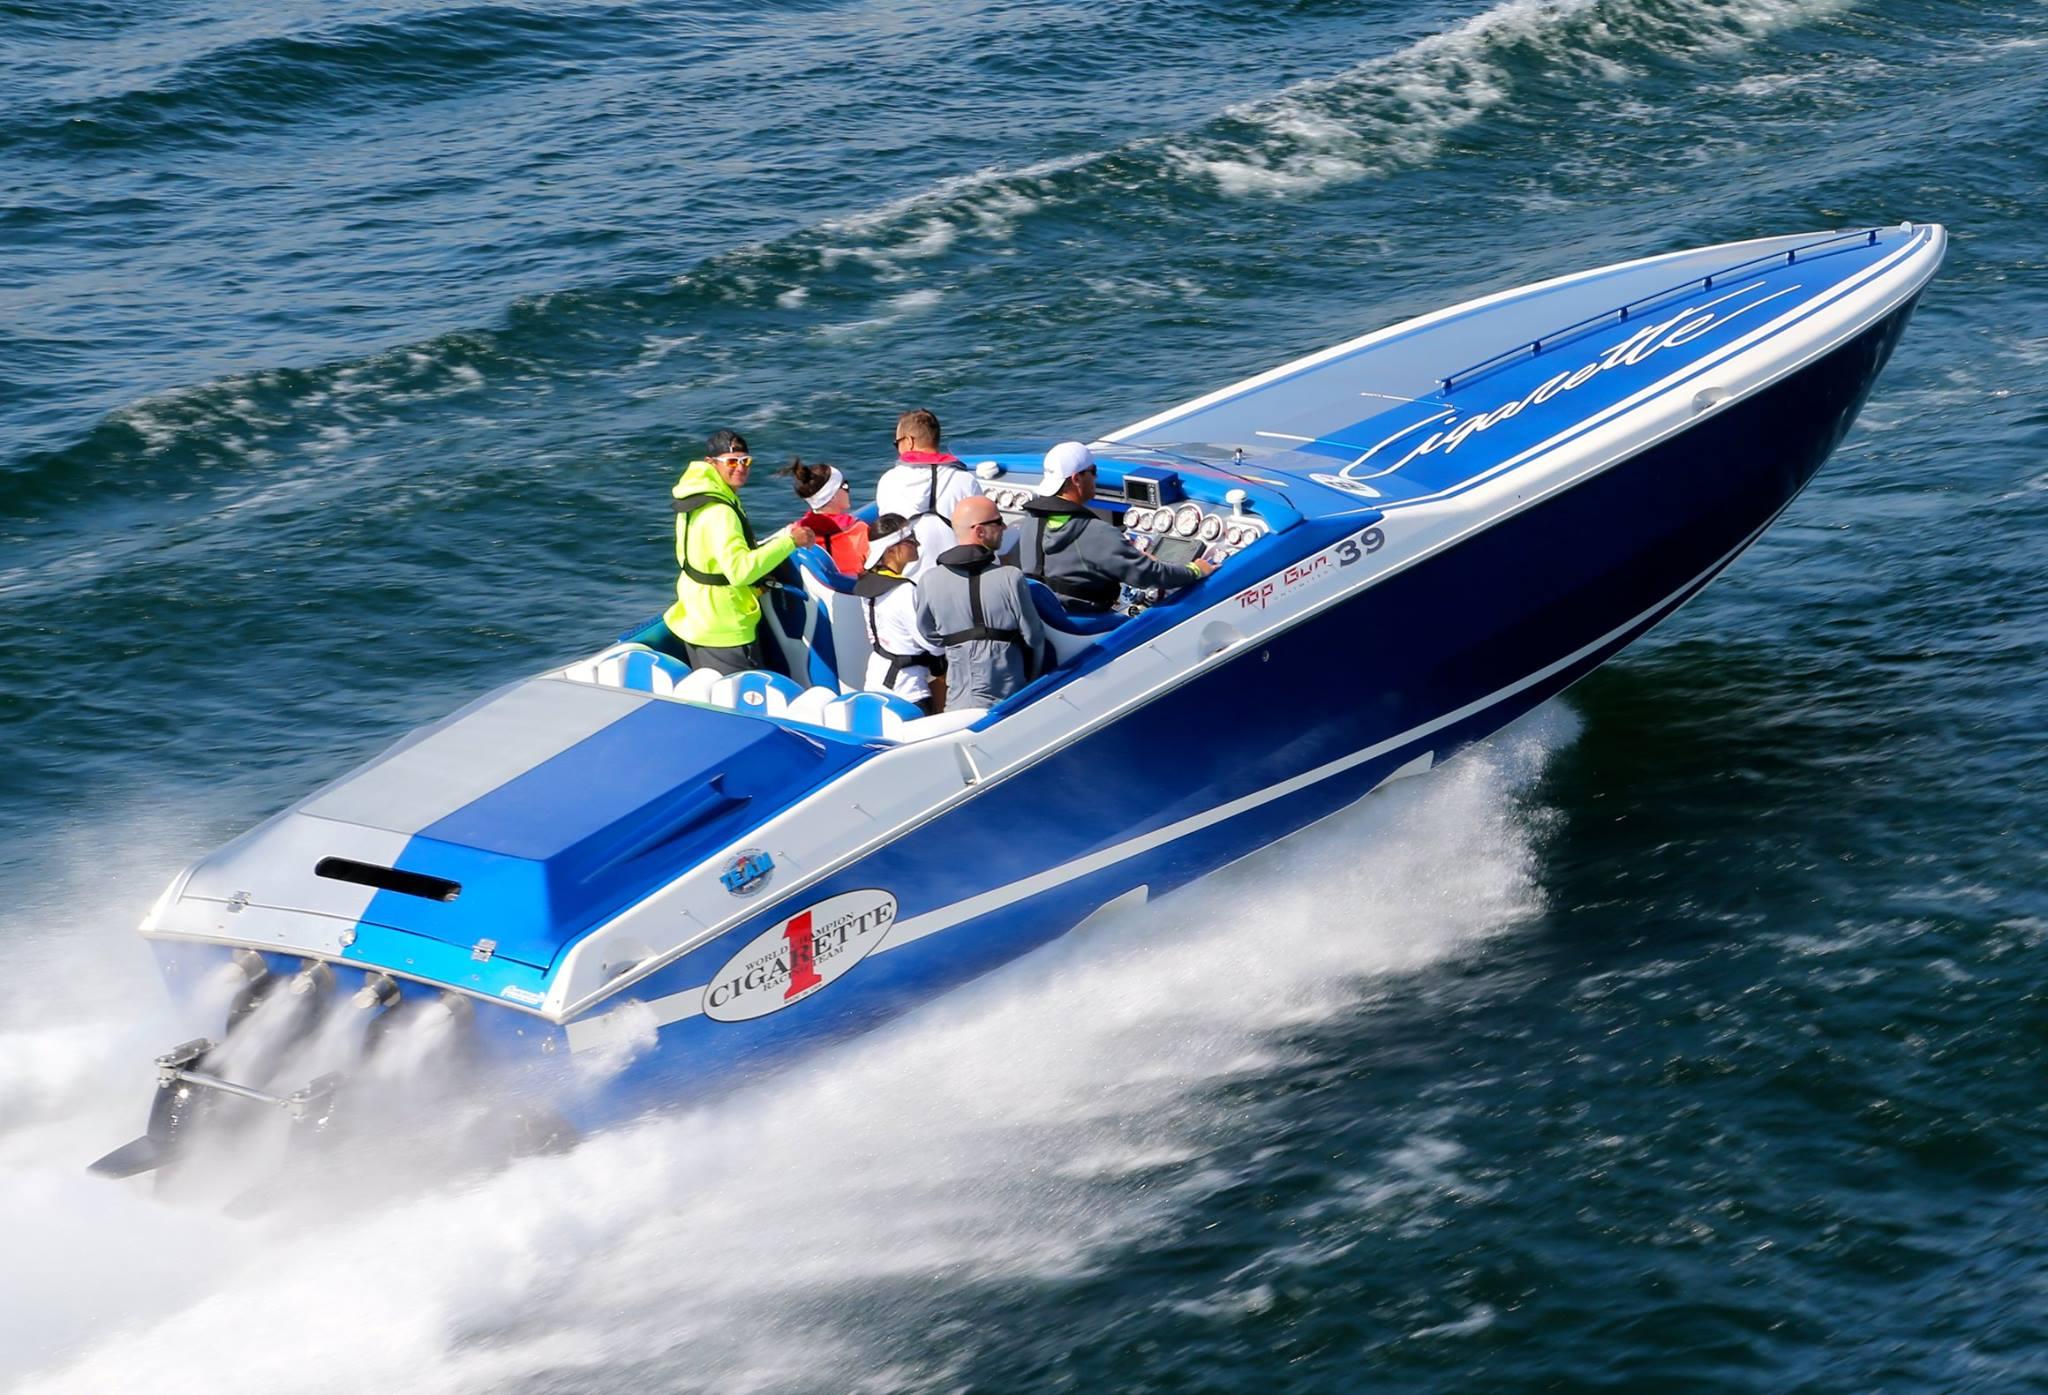 Boat poker run when will alex rider russian roulette